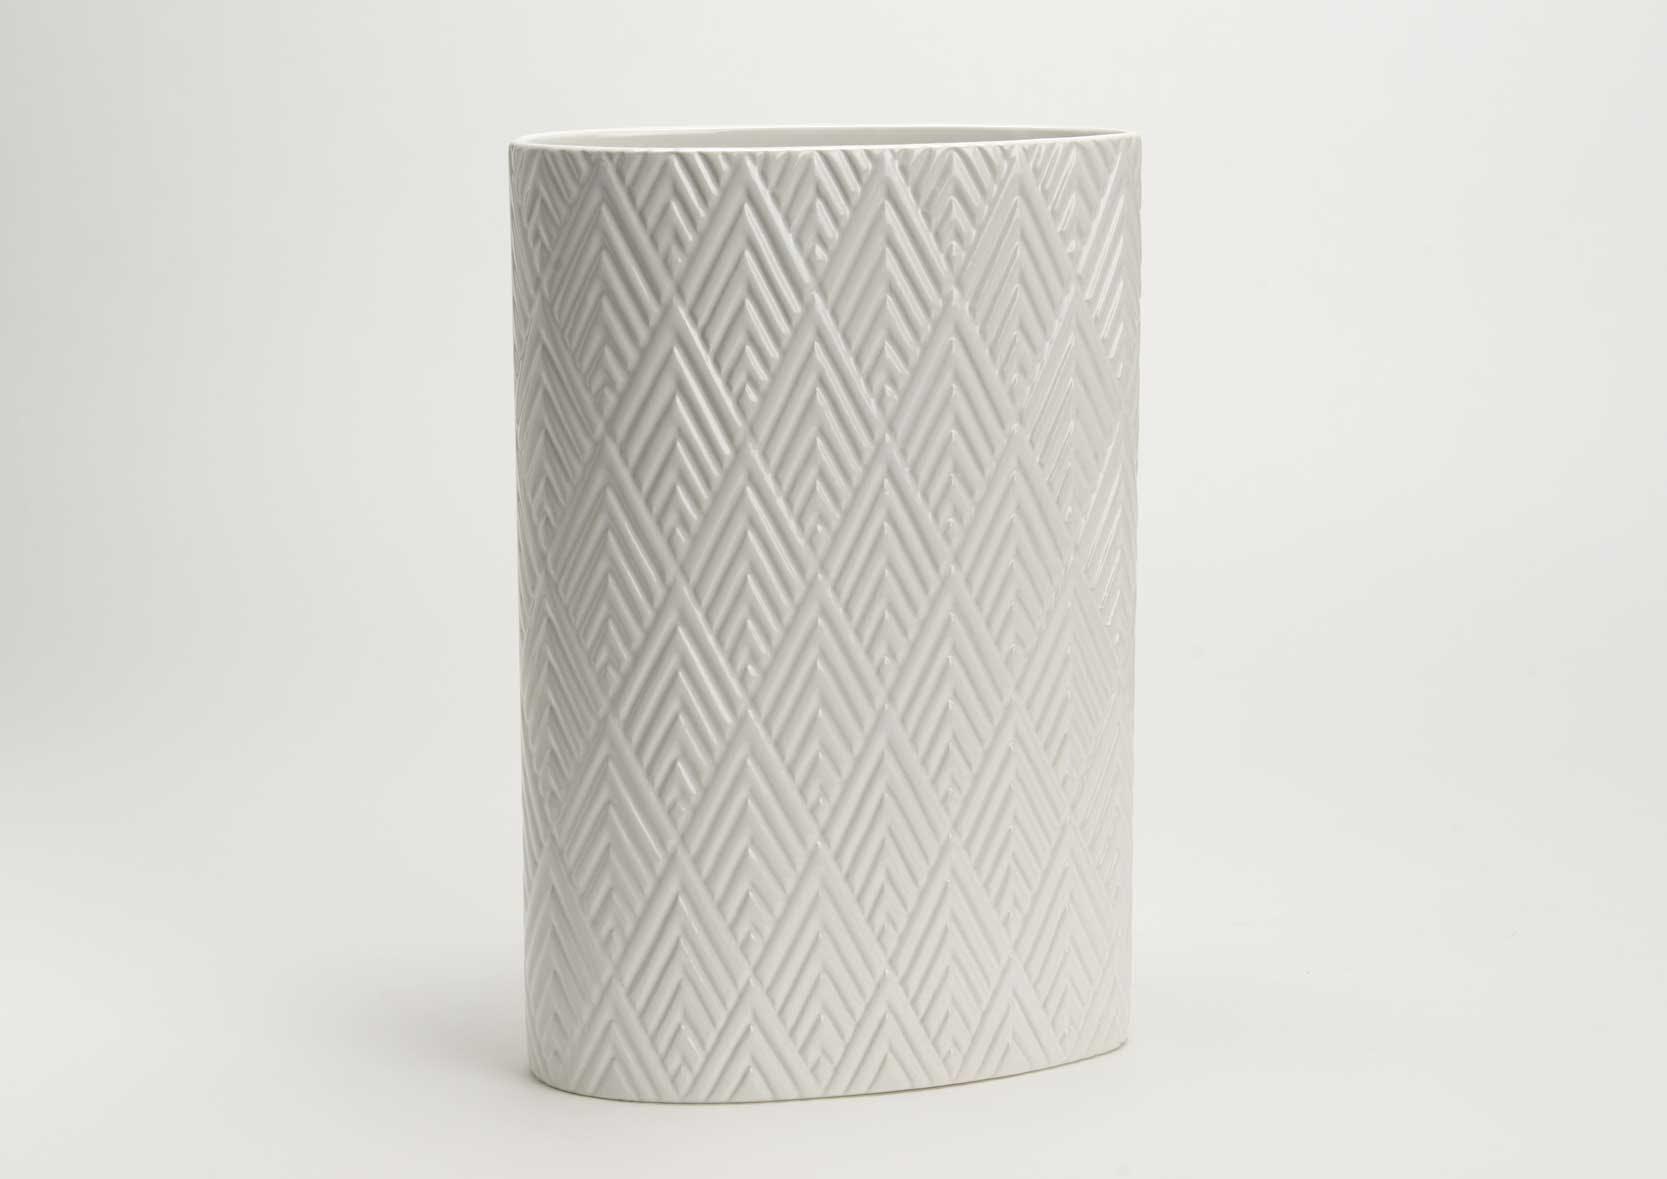 Vase oval blanc aspect brillant avec motifs géométriques 22x11x32cm